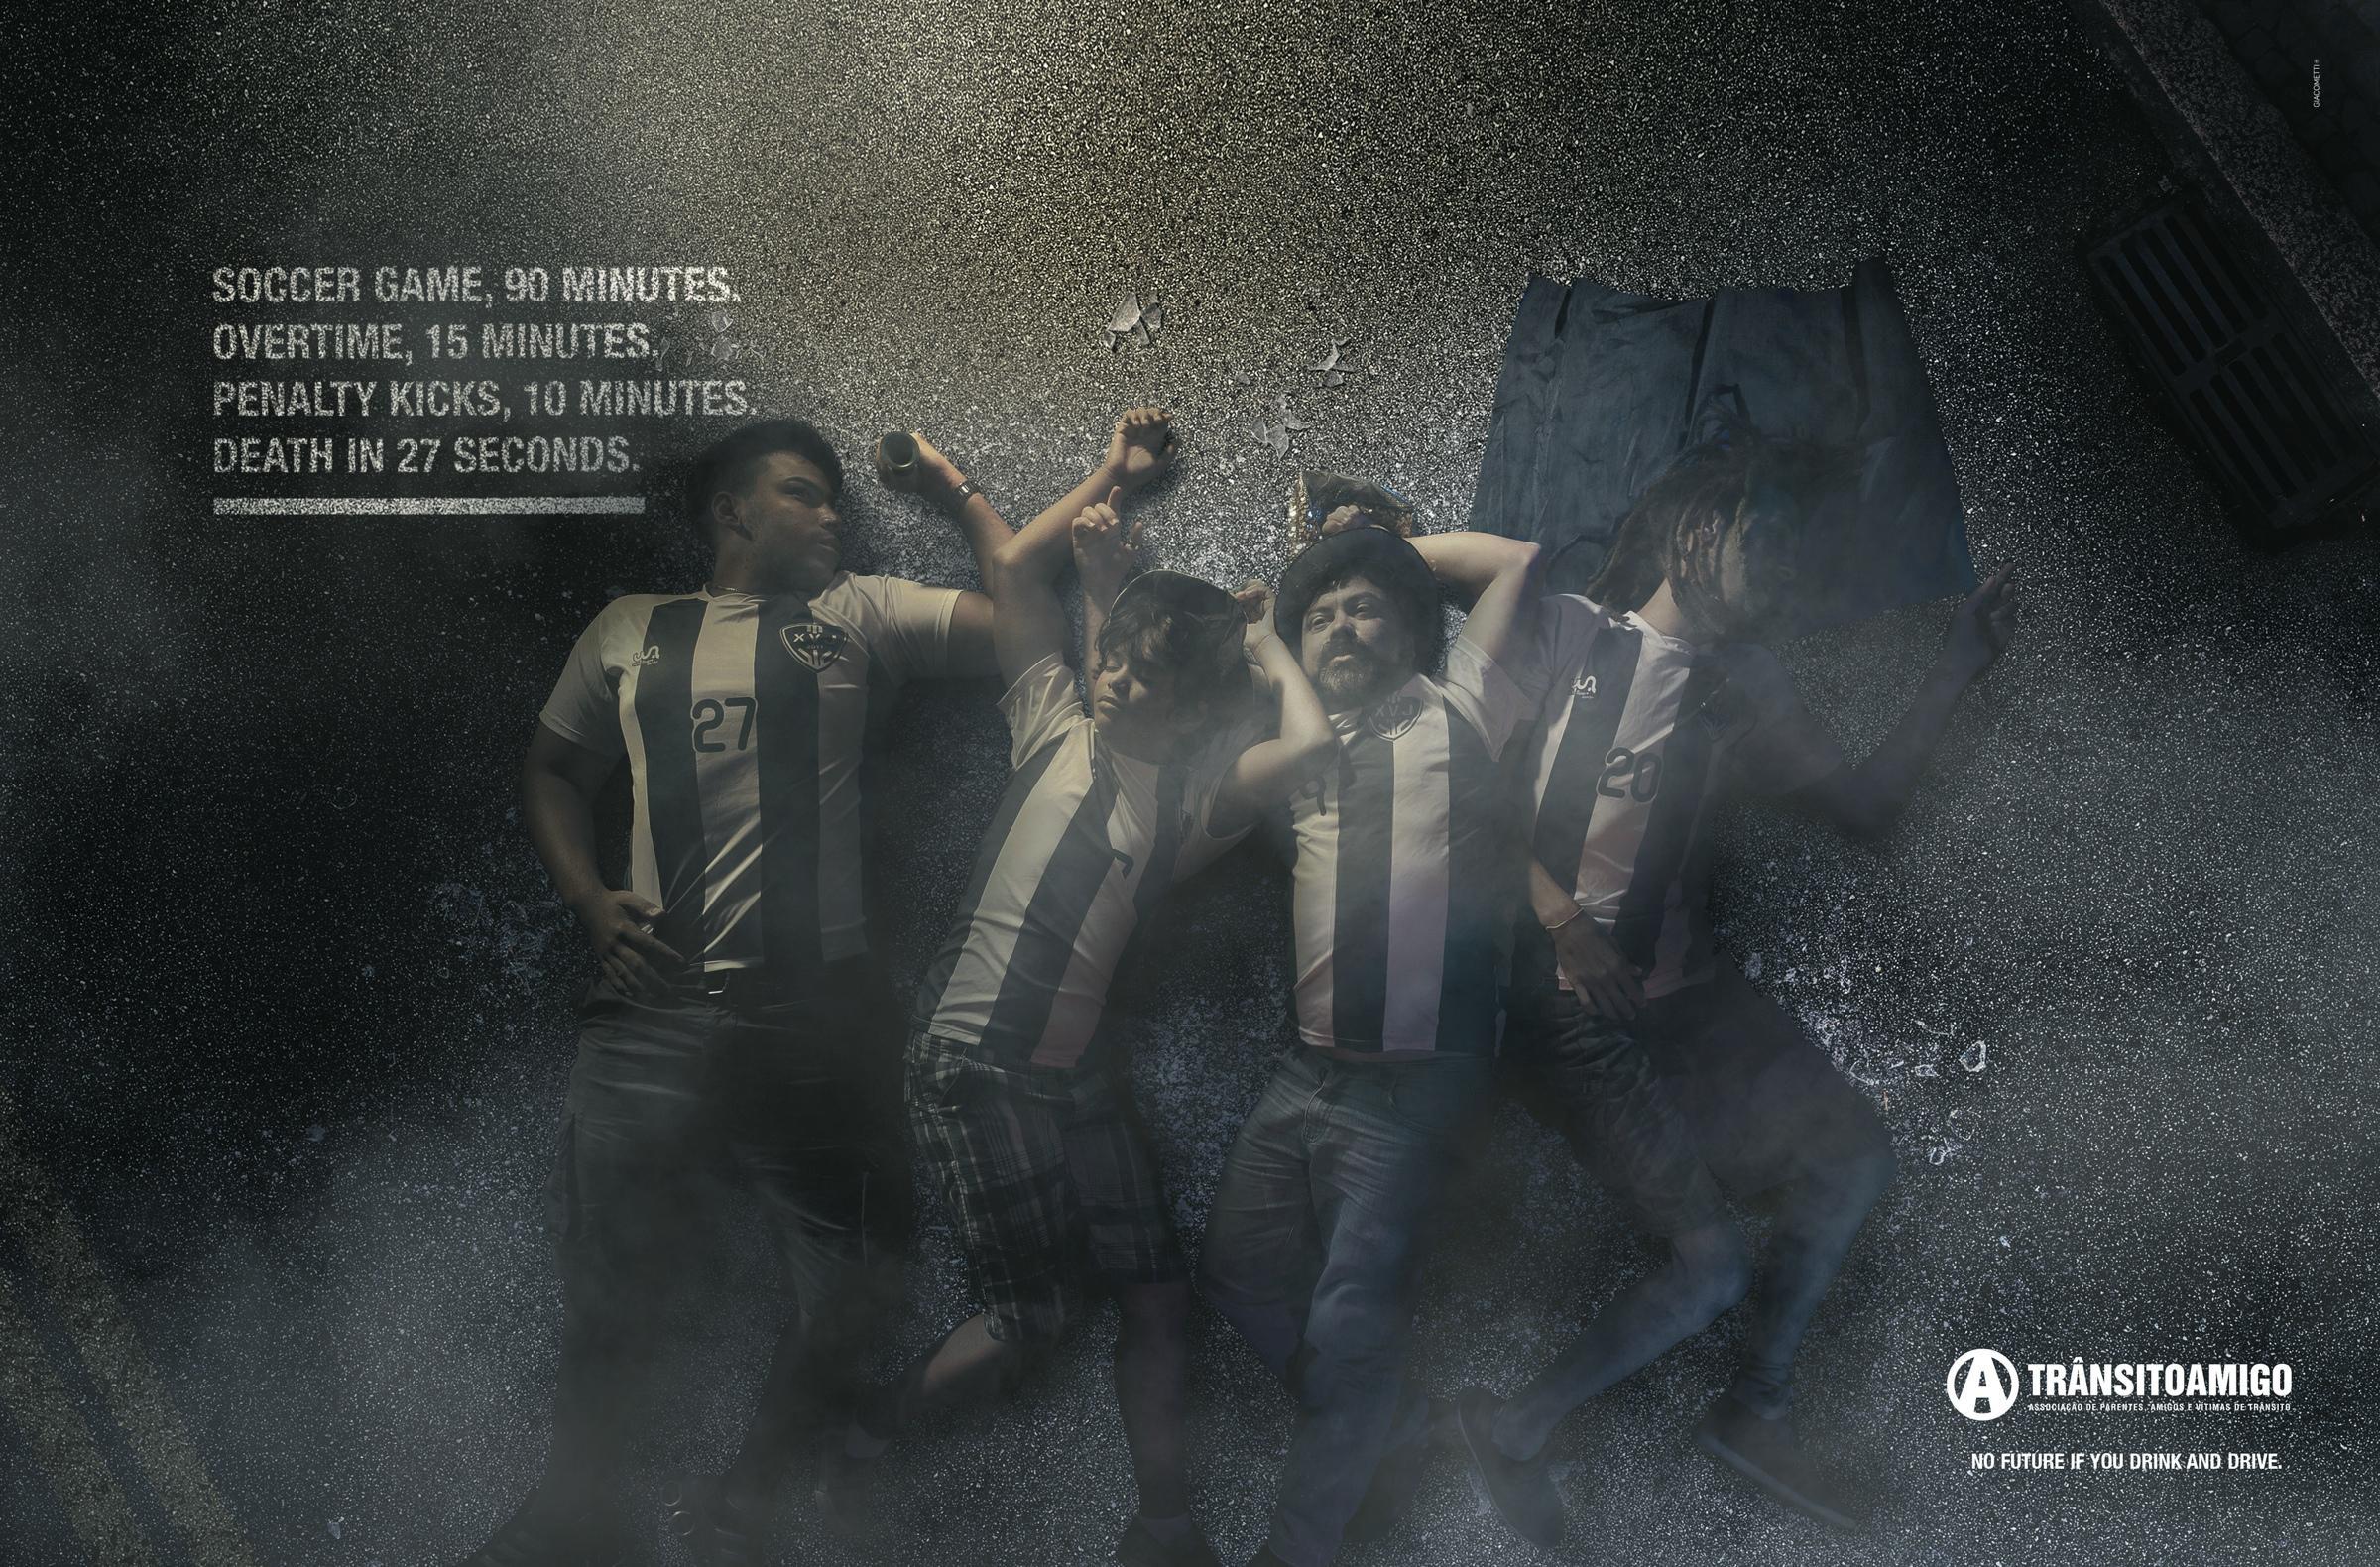 ONG Trânsito Amigo Print Ad -  Soccer